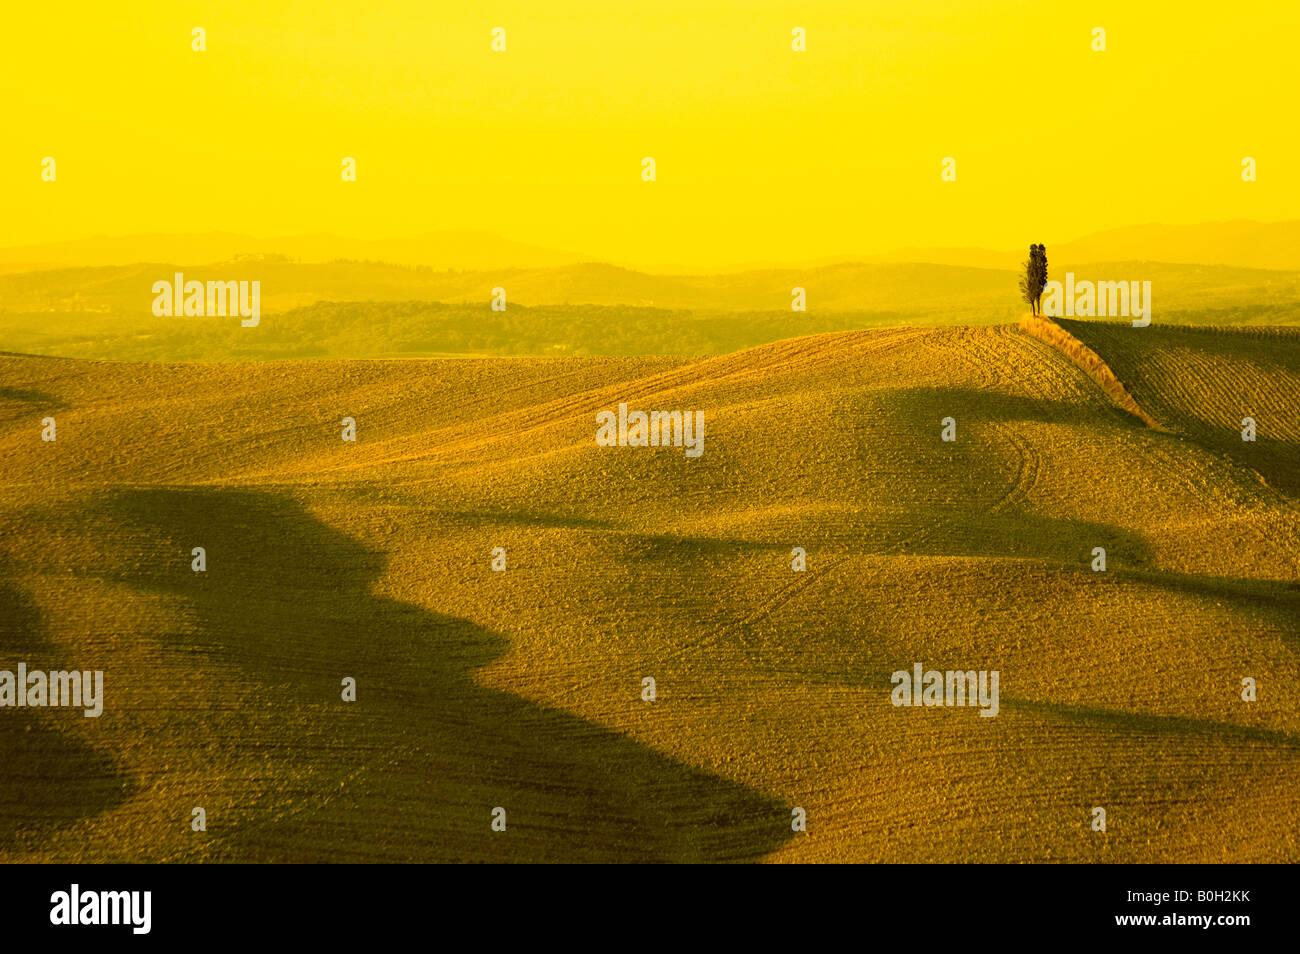 einsame Zypresse im typischen toskanischen Hügellandschaft Stockbild